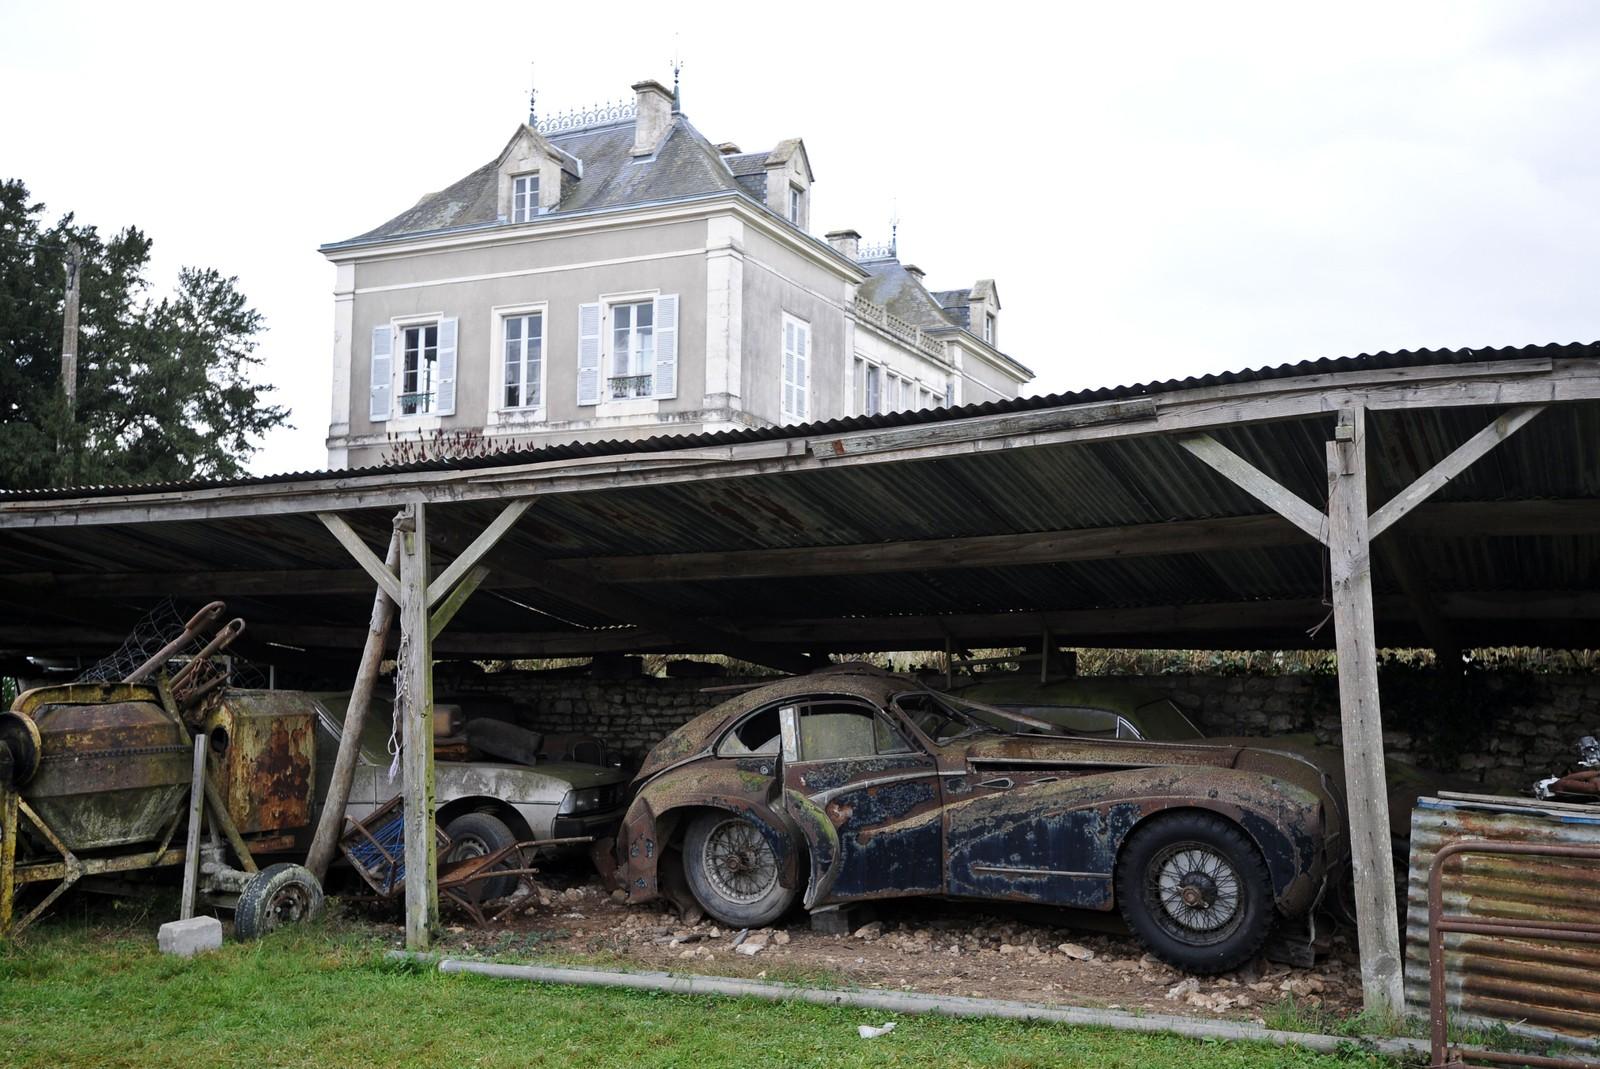 Kun dekket av et gammelt skur stod de fleste bilene ute i all slags vær i flere tiår.